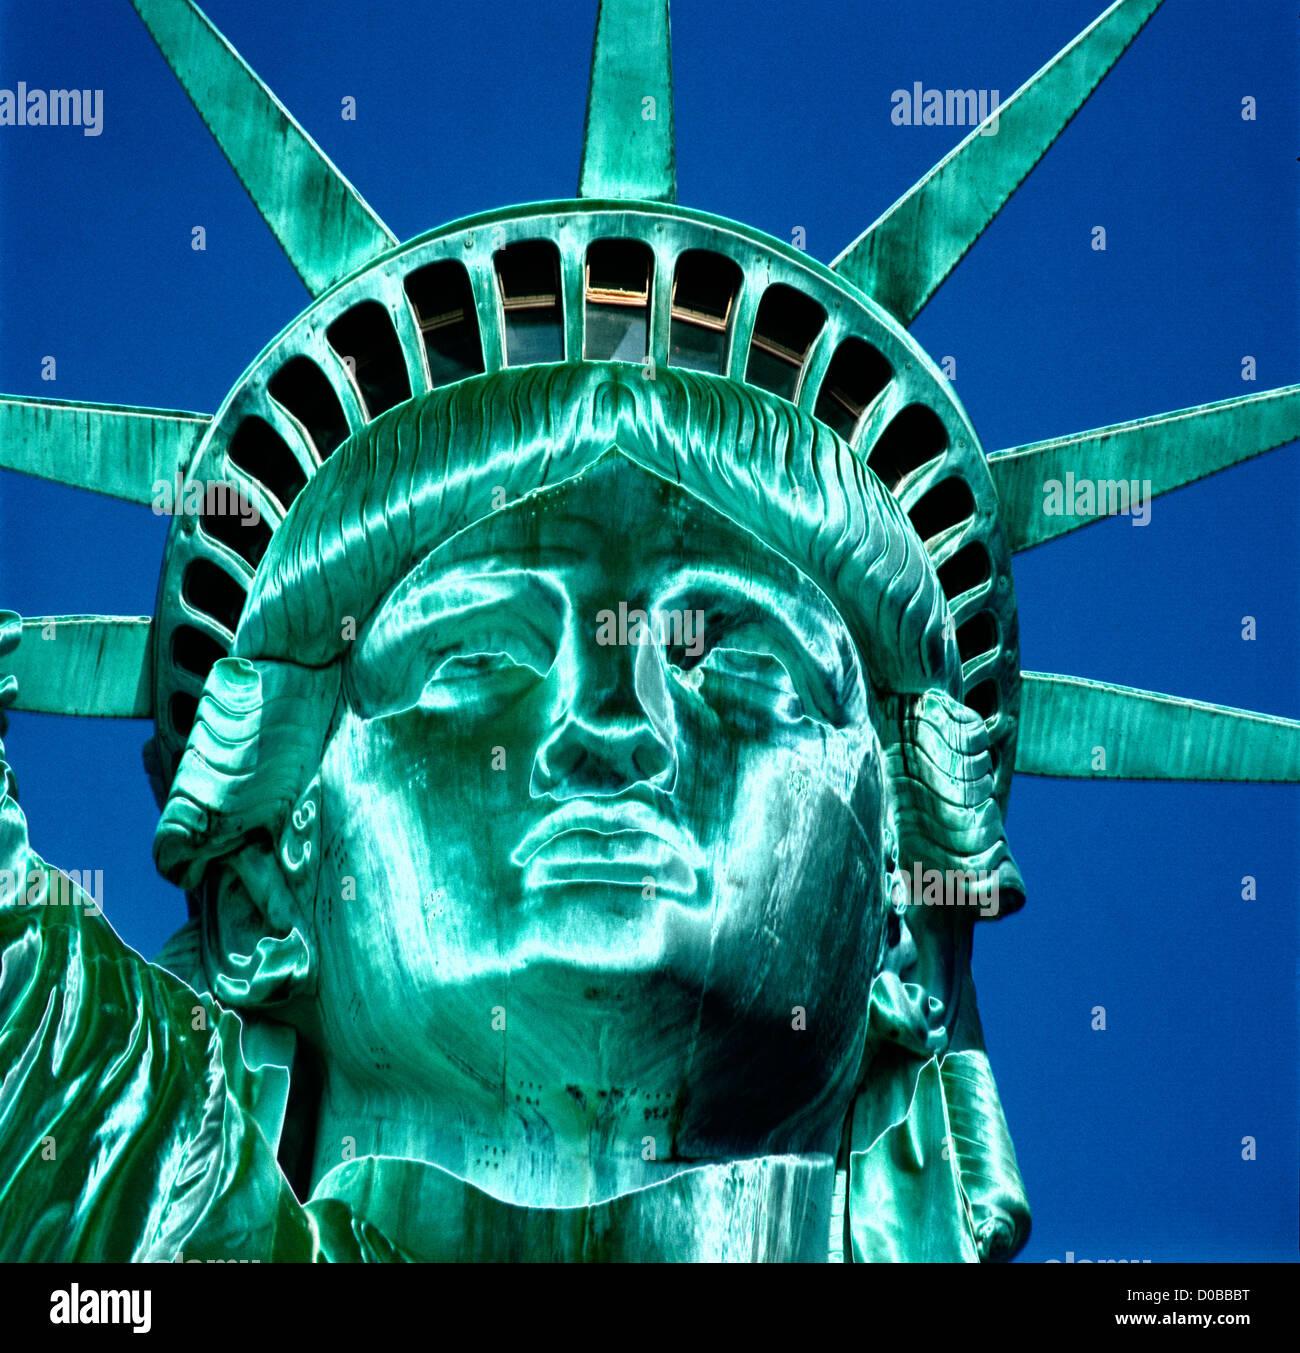 abstrakte Darstellung der New Yorker Freiheitsstatue USA Konzept Stockbild